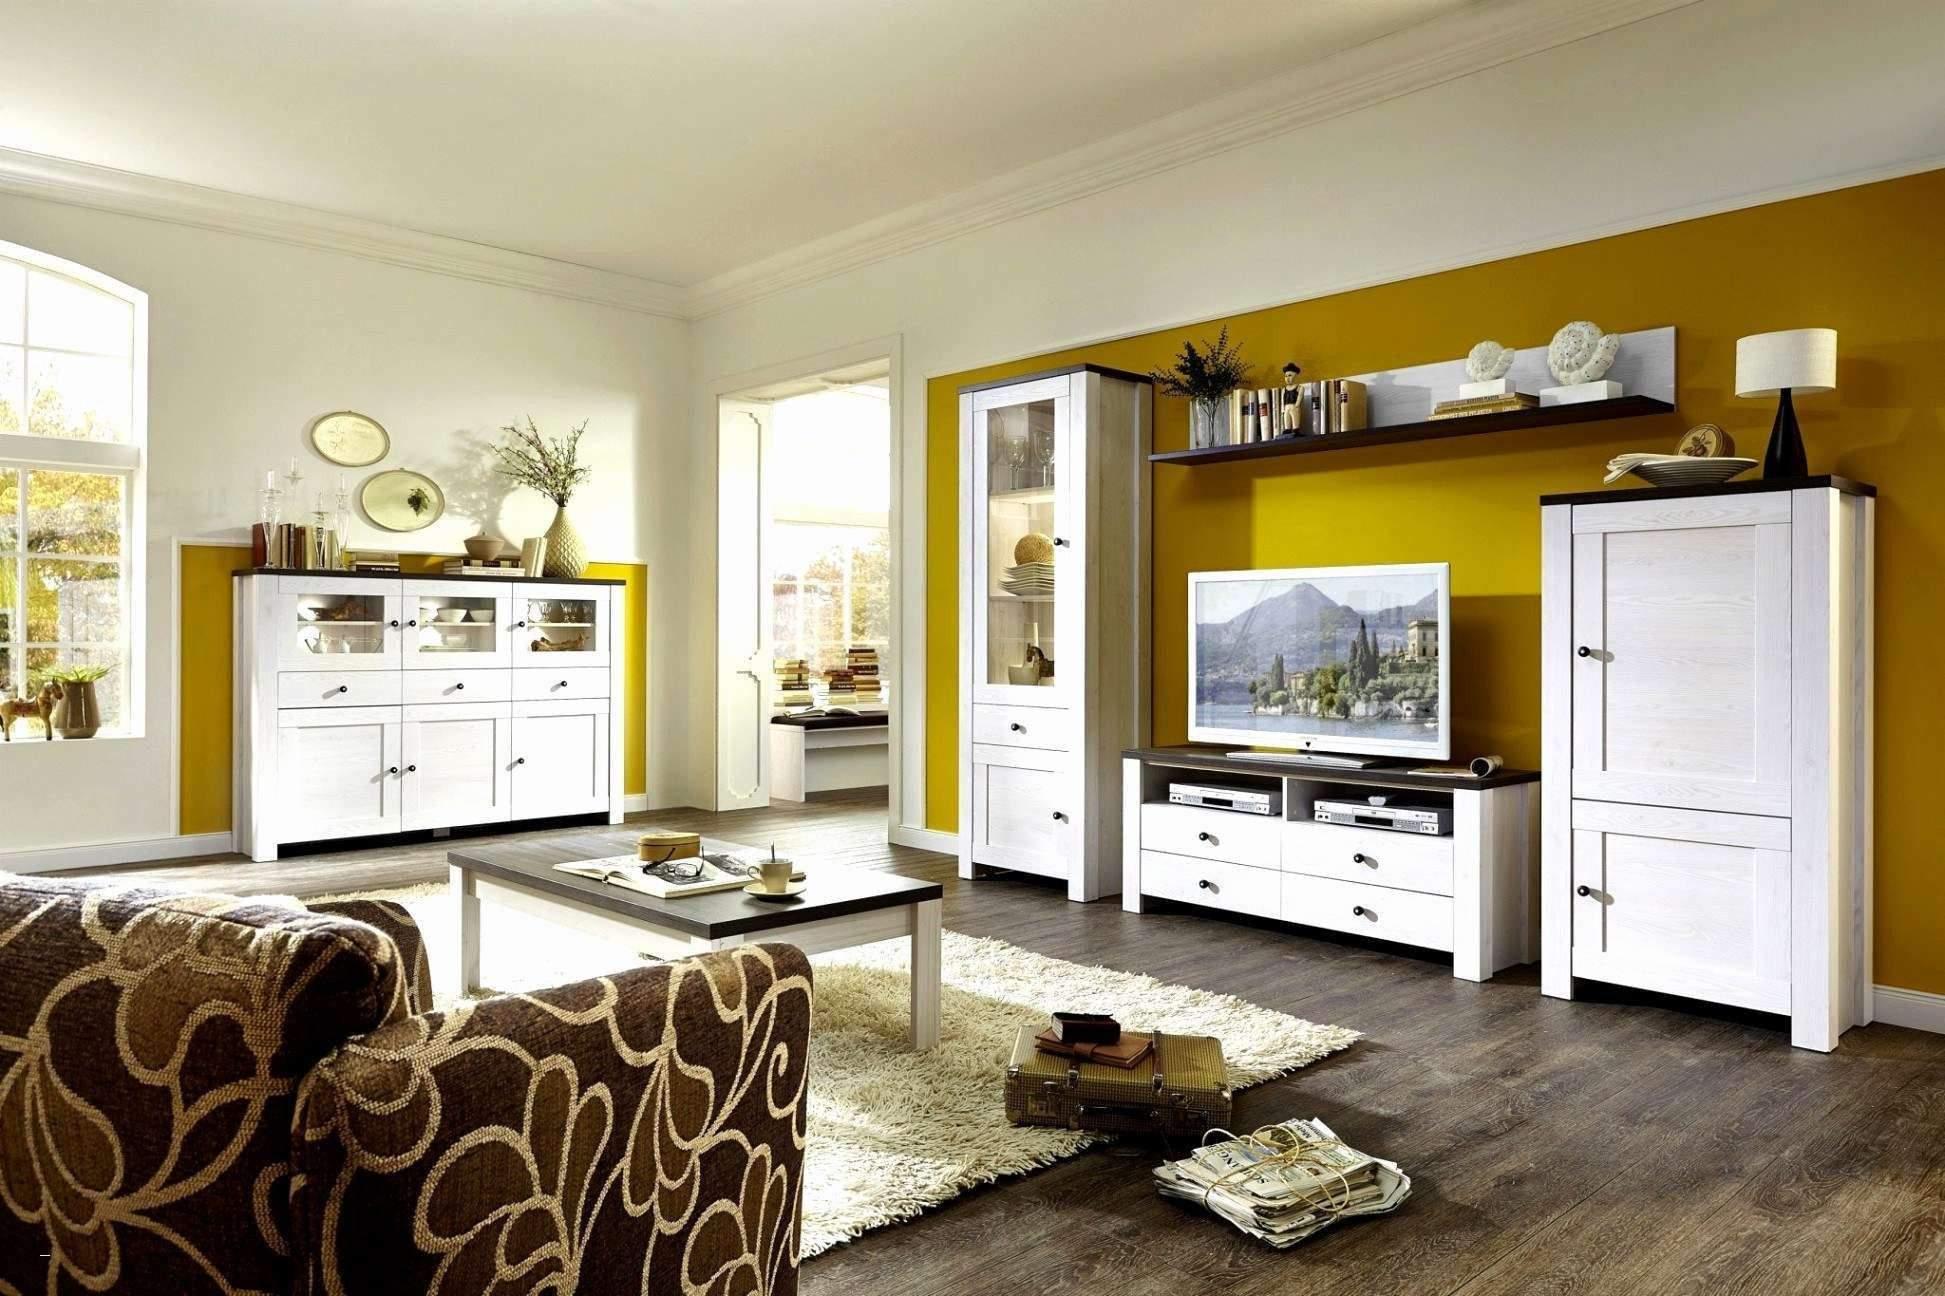 steinteppich wohnzimmer luxus designer wohnzimmer luxus gm stock quote awesome ironwood of steinteppich wohnzimmer